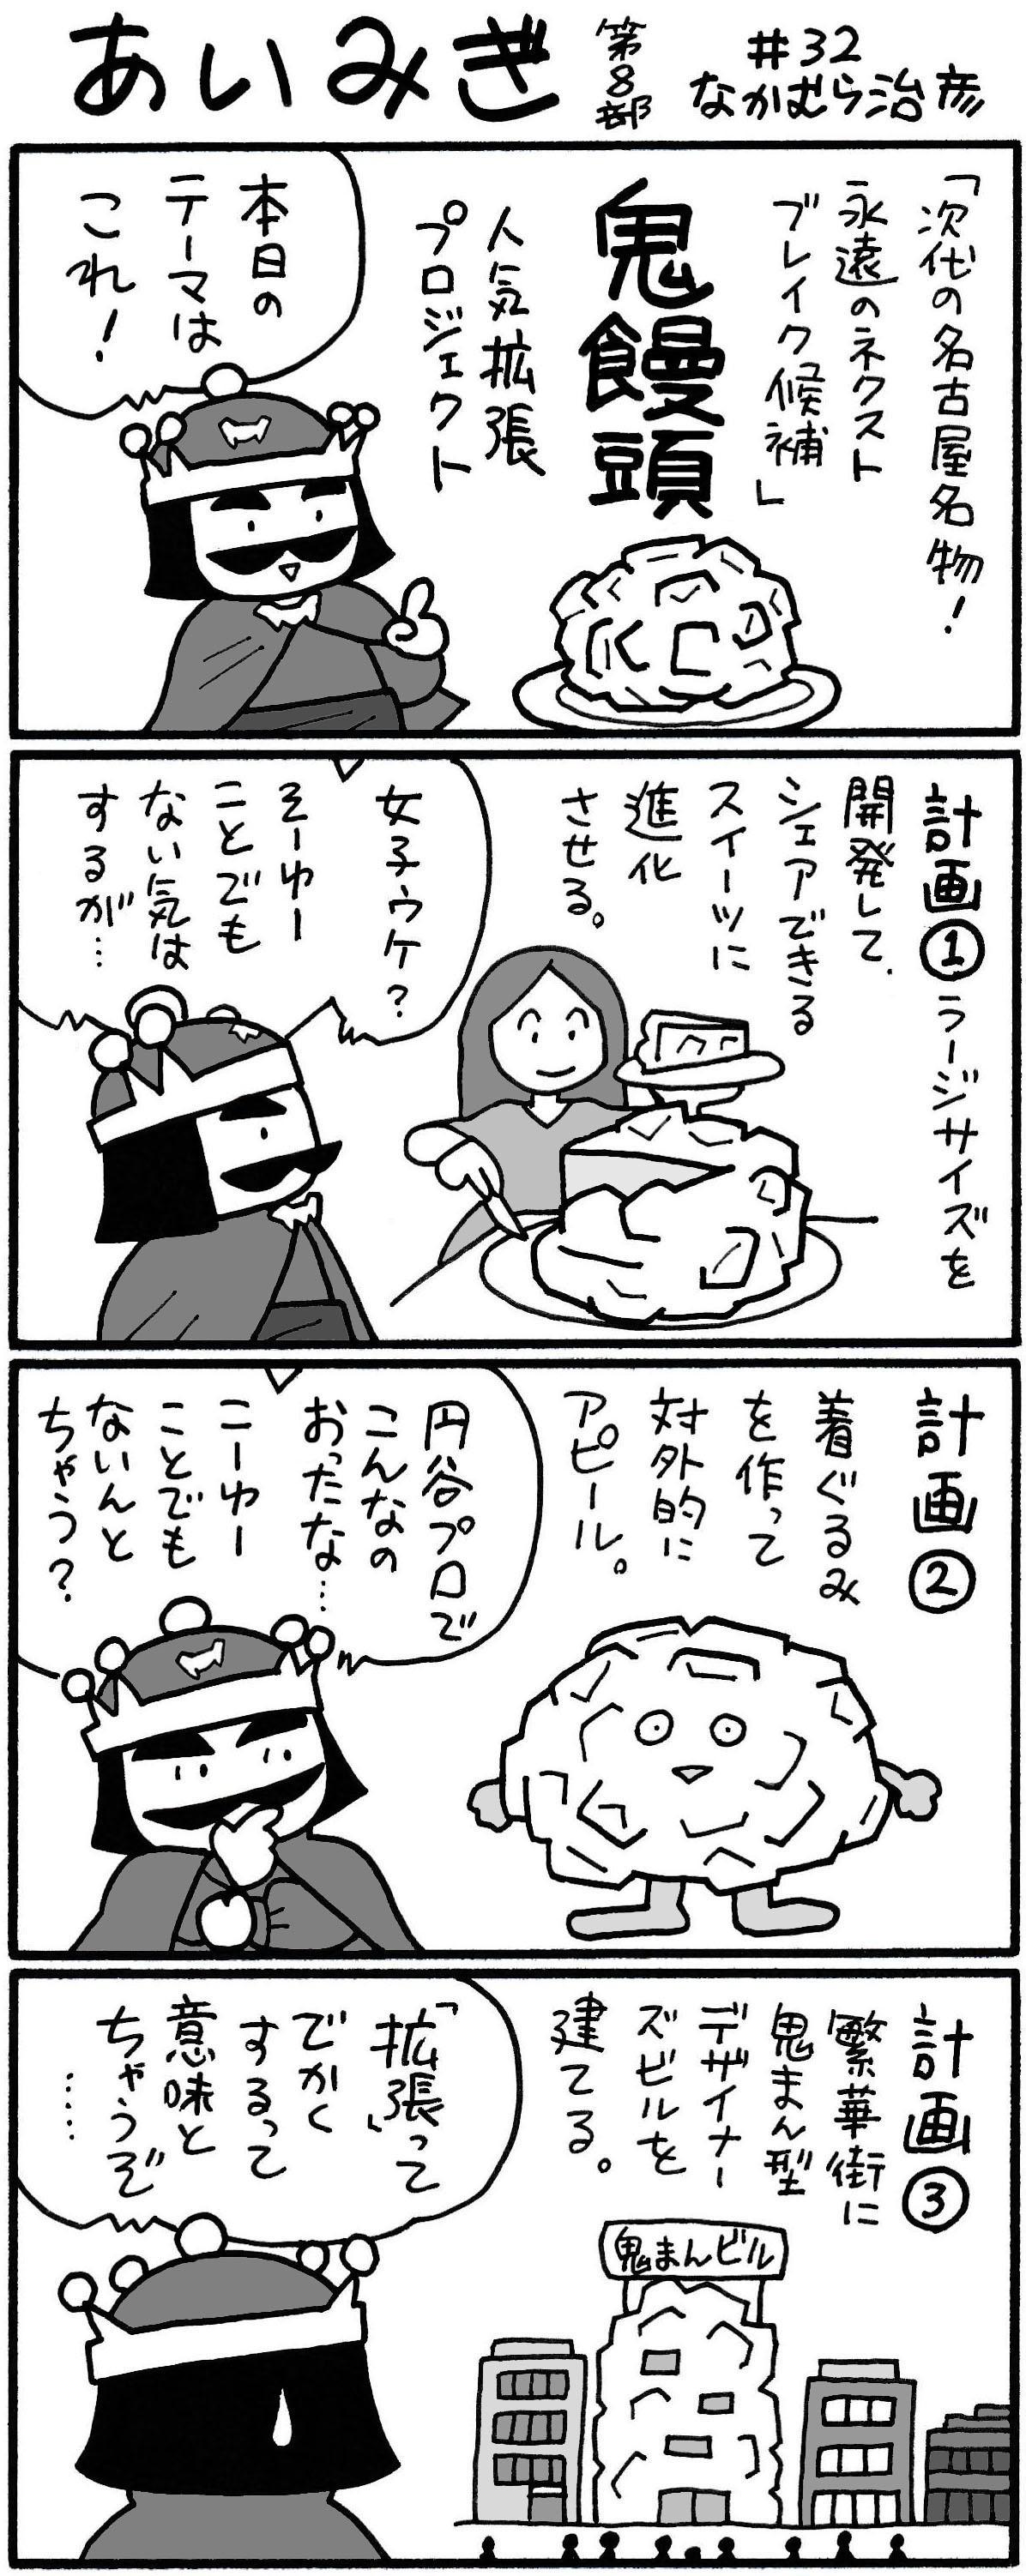 SNS用名古屋ネタゆる4コマ「あいみぎ」通算第32回。しかし鬼まんじゅうはなかなかメジャーにならんねー。